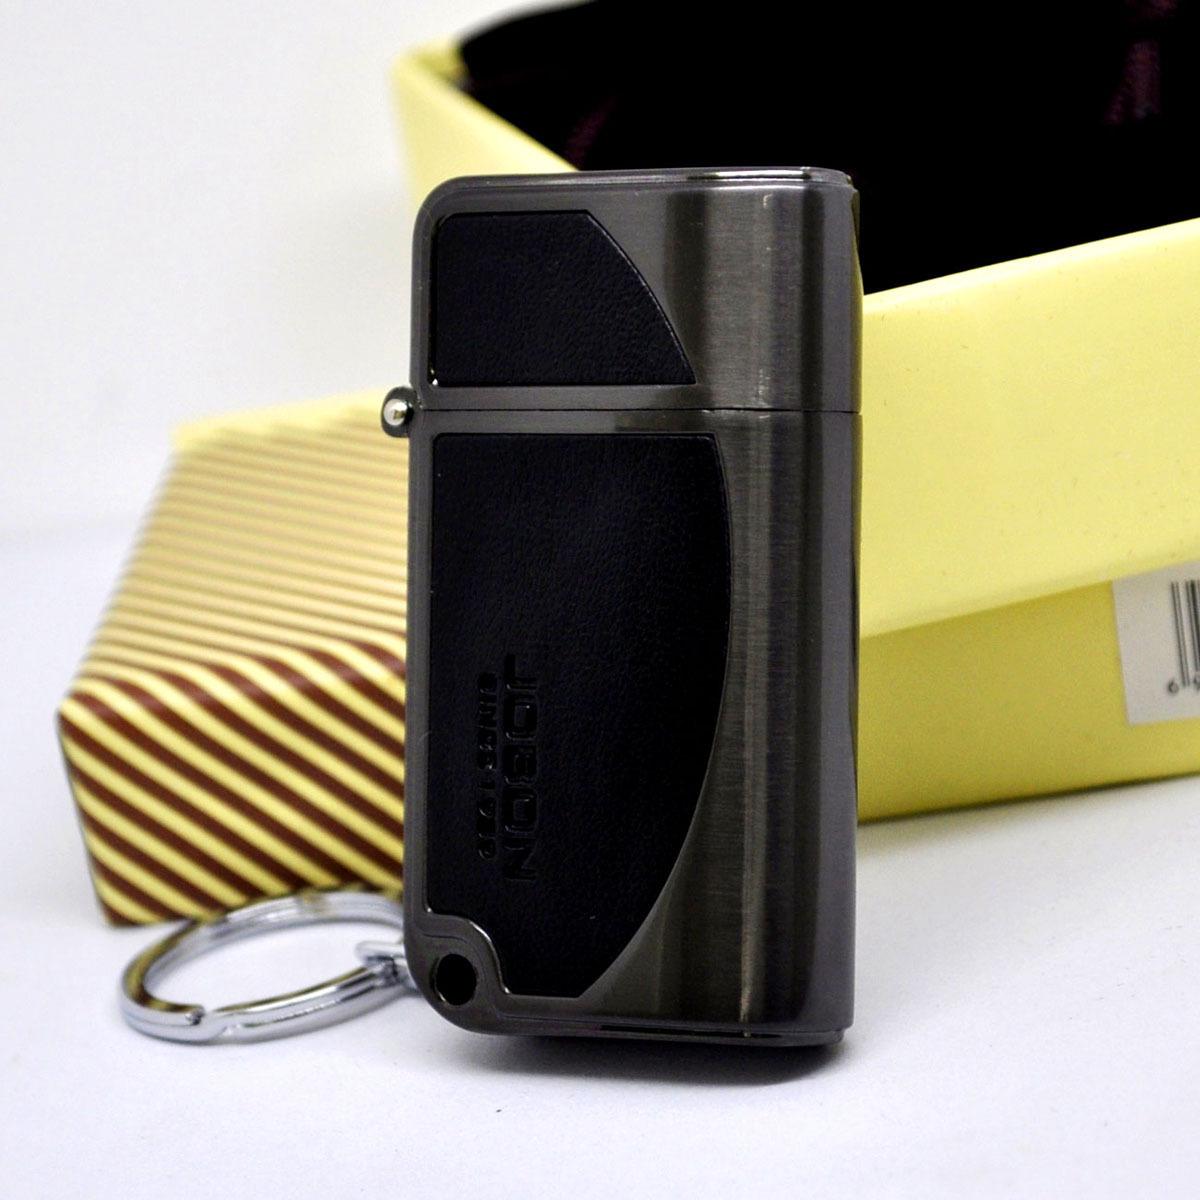 Зажигалка Maslen Zb518 государства в легче отдыха в легкие, кожа технологии рисования брелок мешок подарочный набор